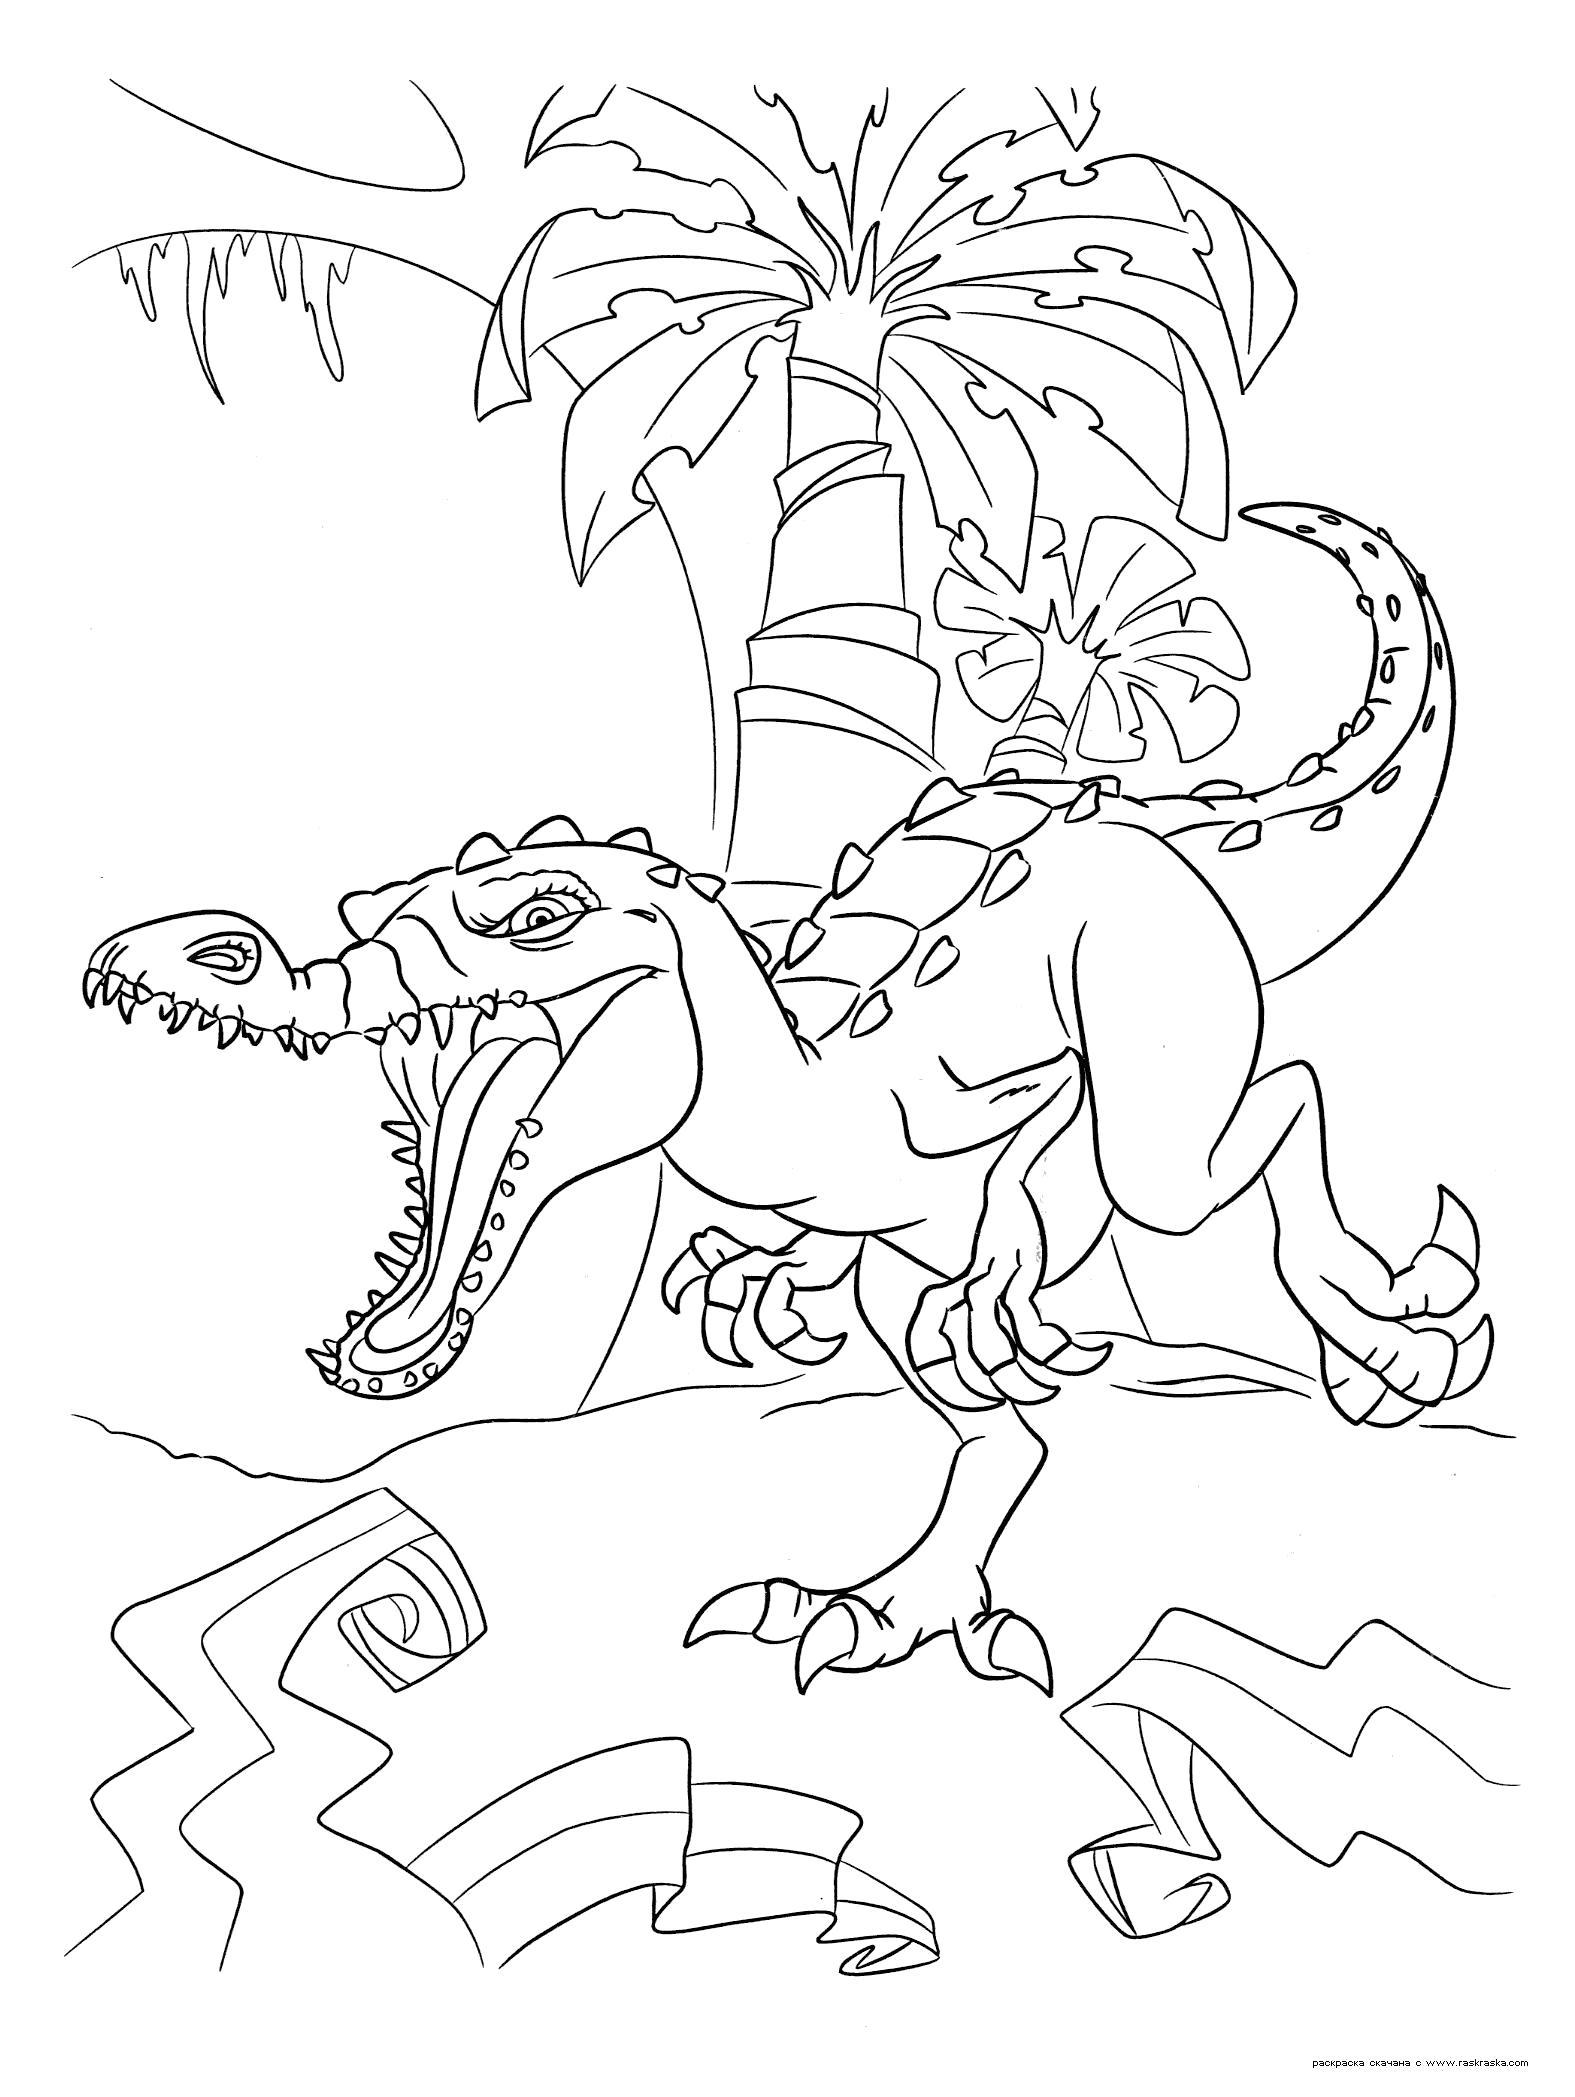 Название: Раскраска Раскраска Руди. Раскраска Гигантский динозавр Руди, белый барионикс, гроза и ужас джунглей . Категория: динозавр. Теги: динозавр.